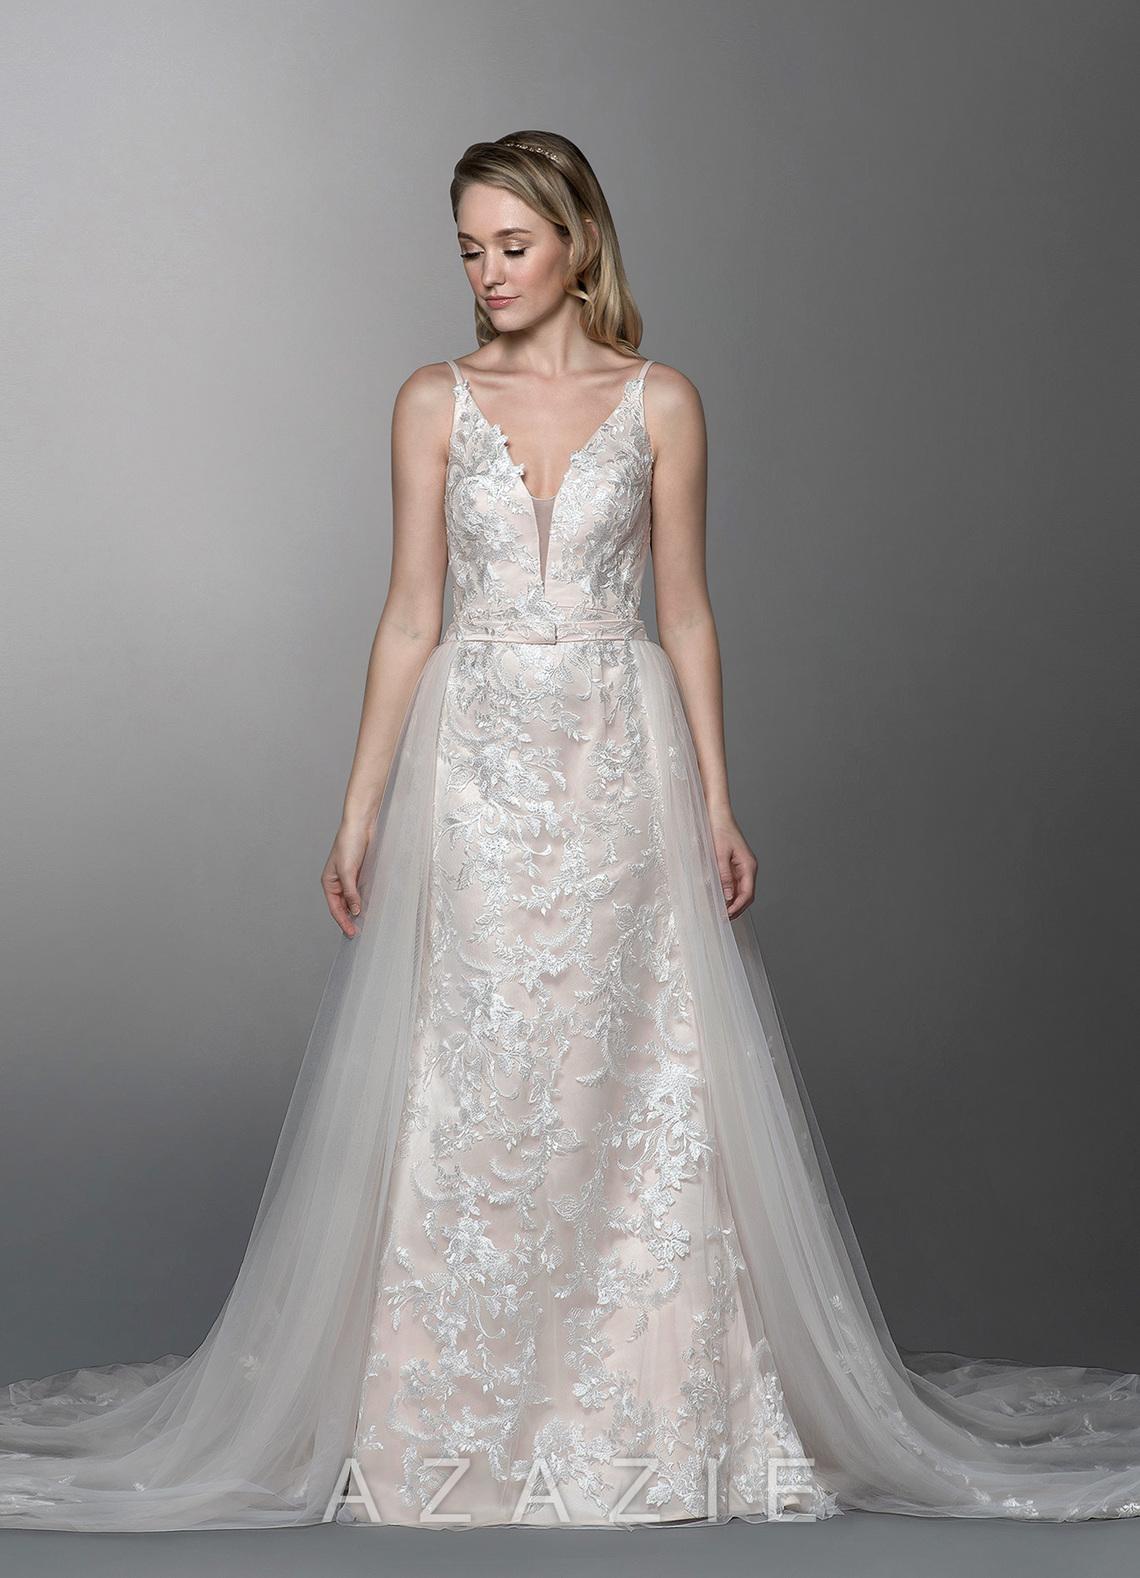 Aphrodite Wedding Dresses